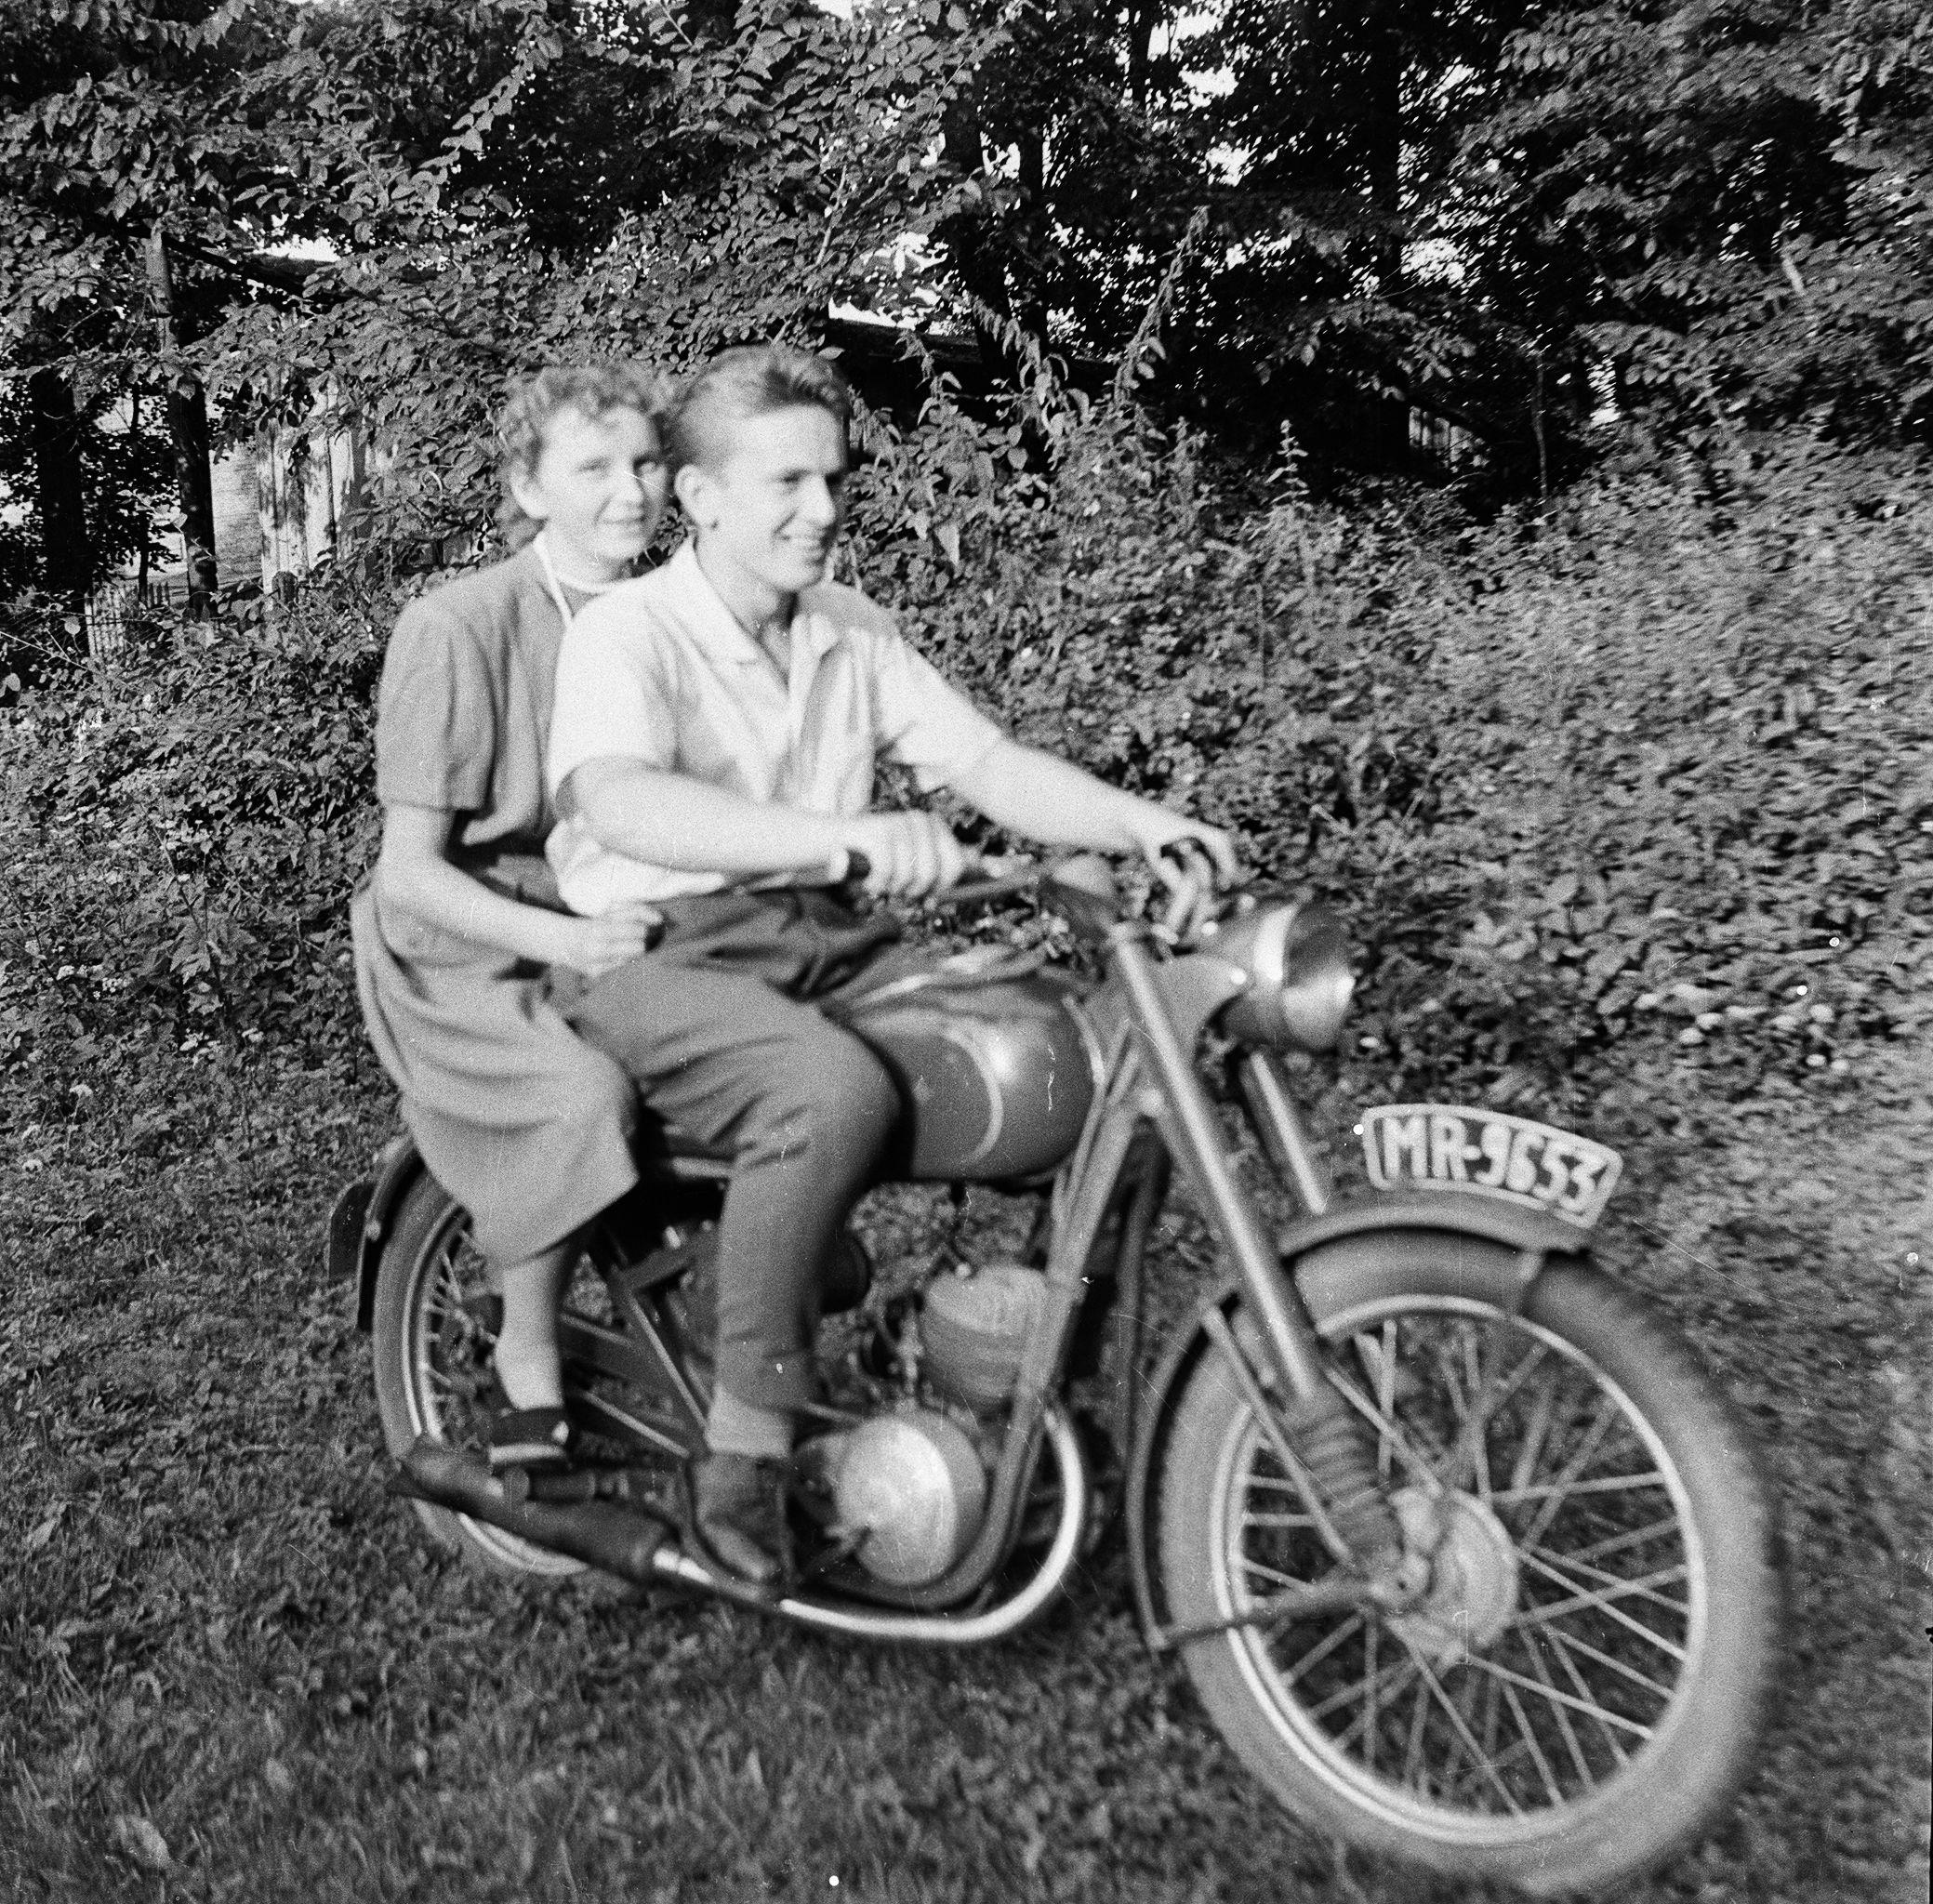 Maria Wawrzyniak z kawalerem, Brzózka, Dolny Śląsk, lata 50. XX w.